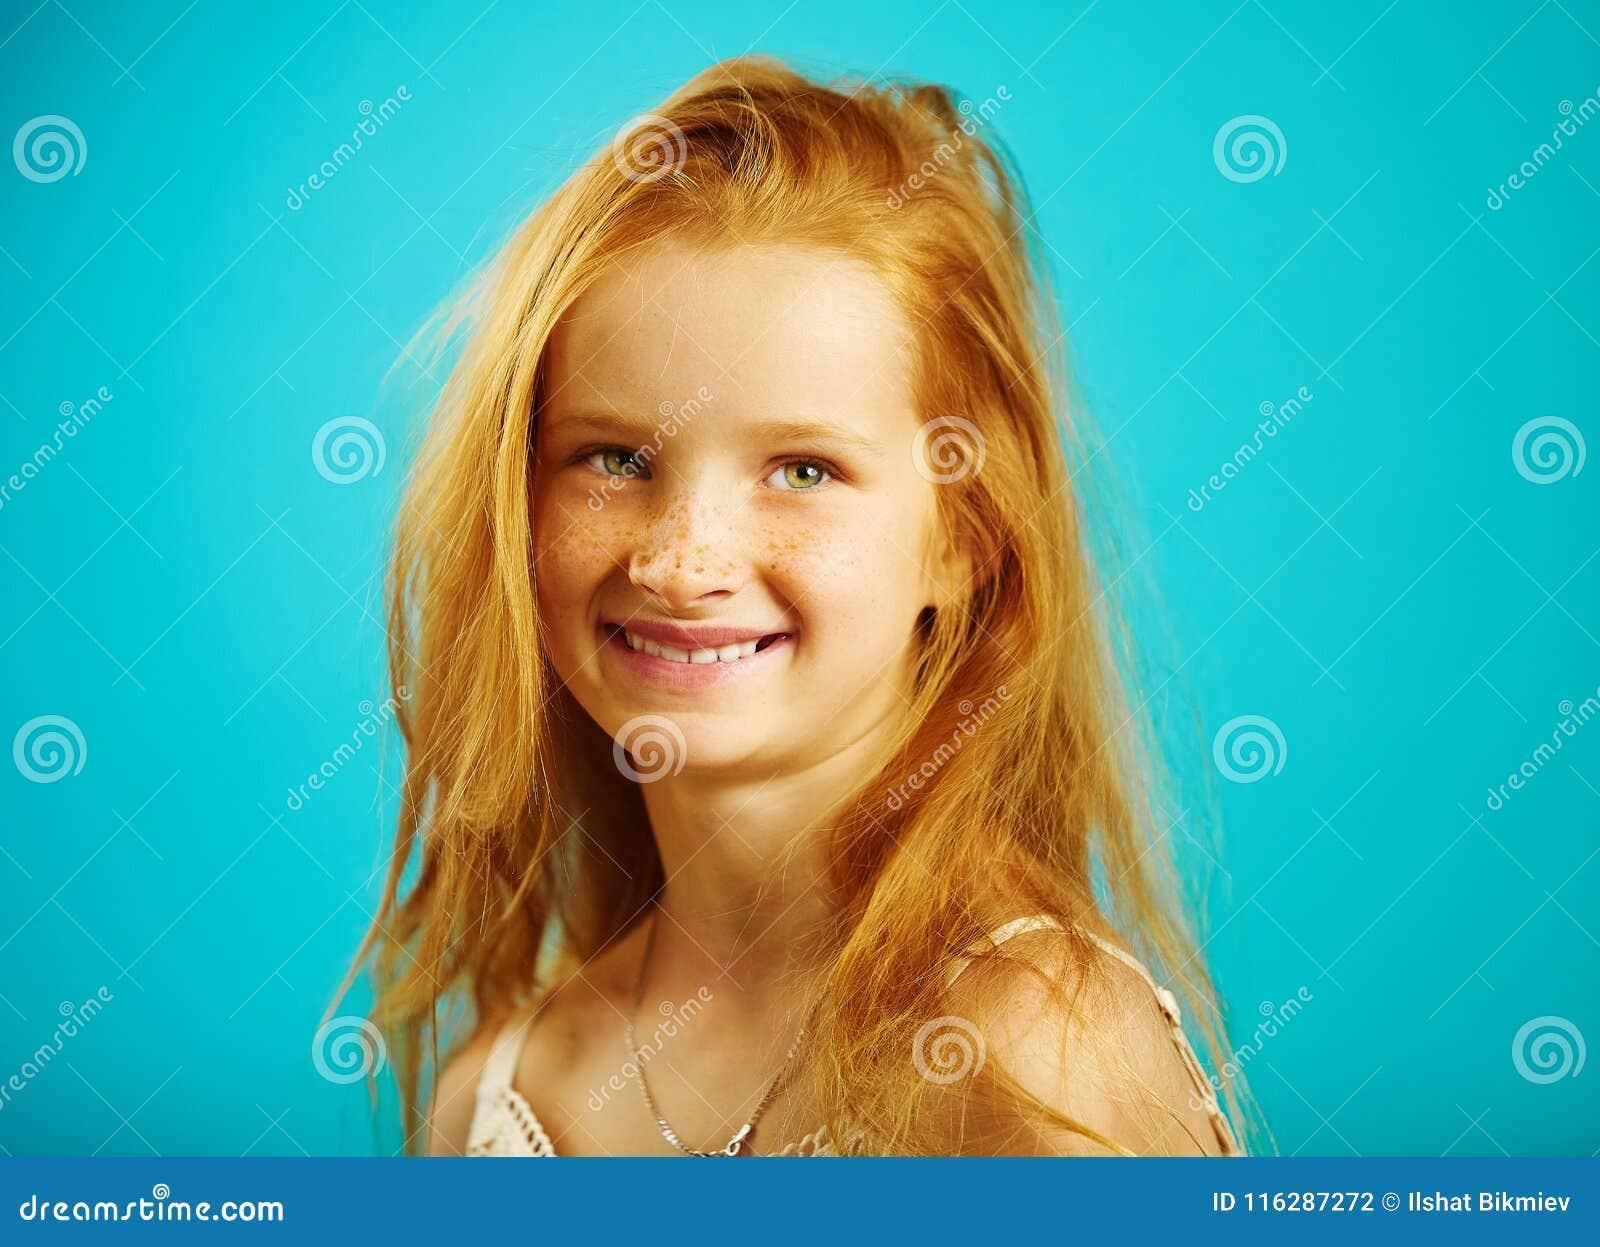 O retrato da menina sete anos velha com cabelo vermelho impetuoso, sardas bonitos, sorrindo sinceramente, expressa a confiança e